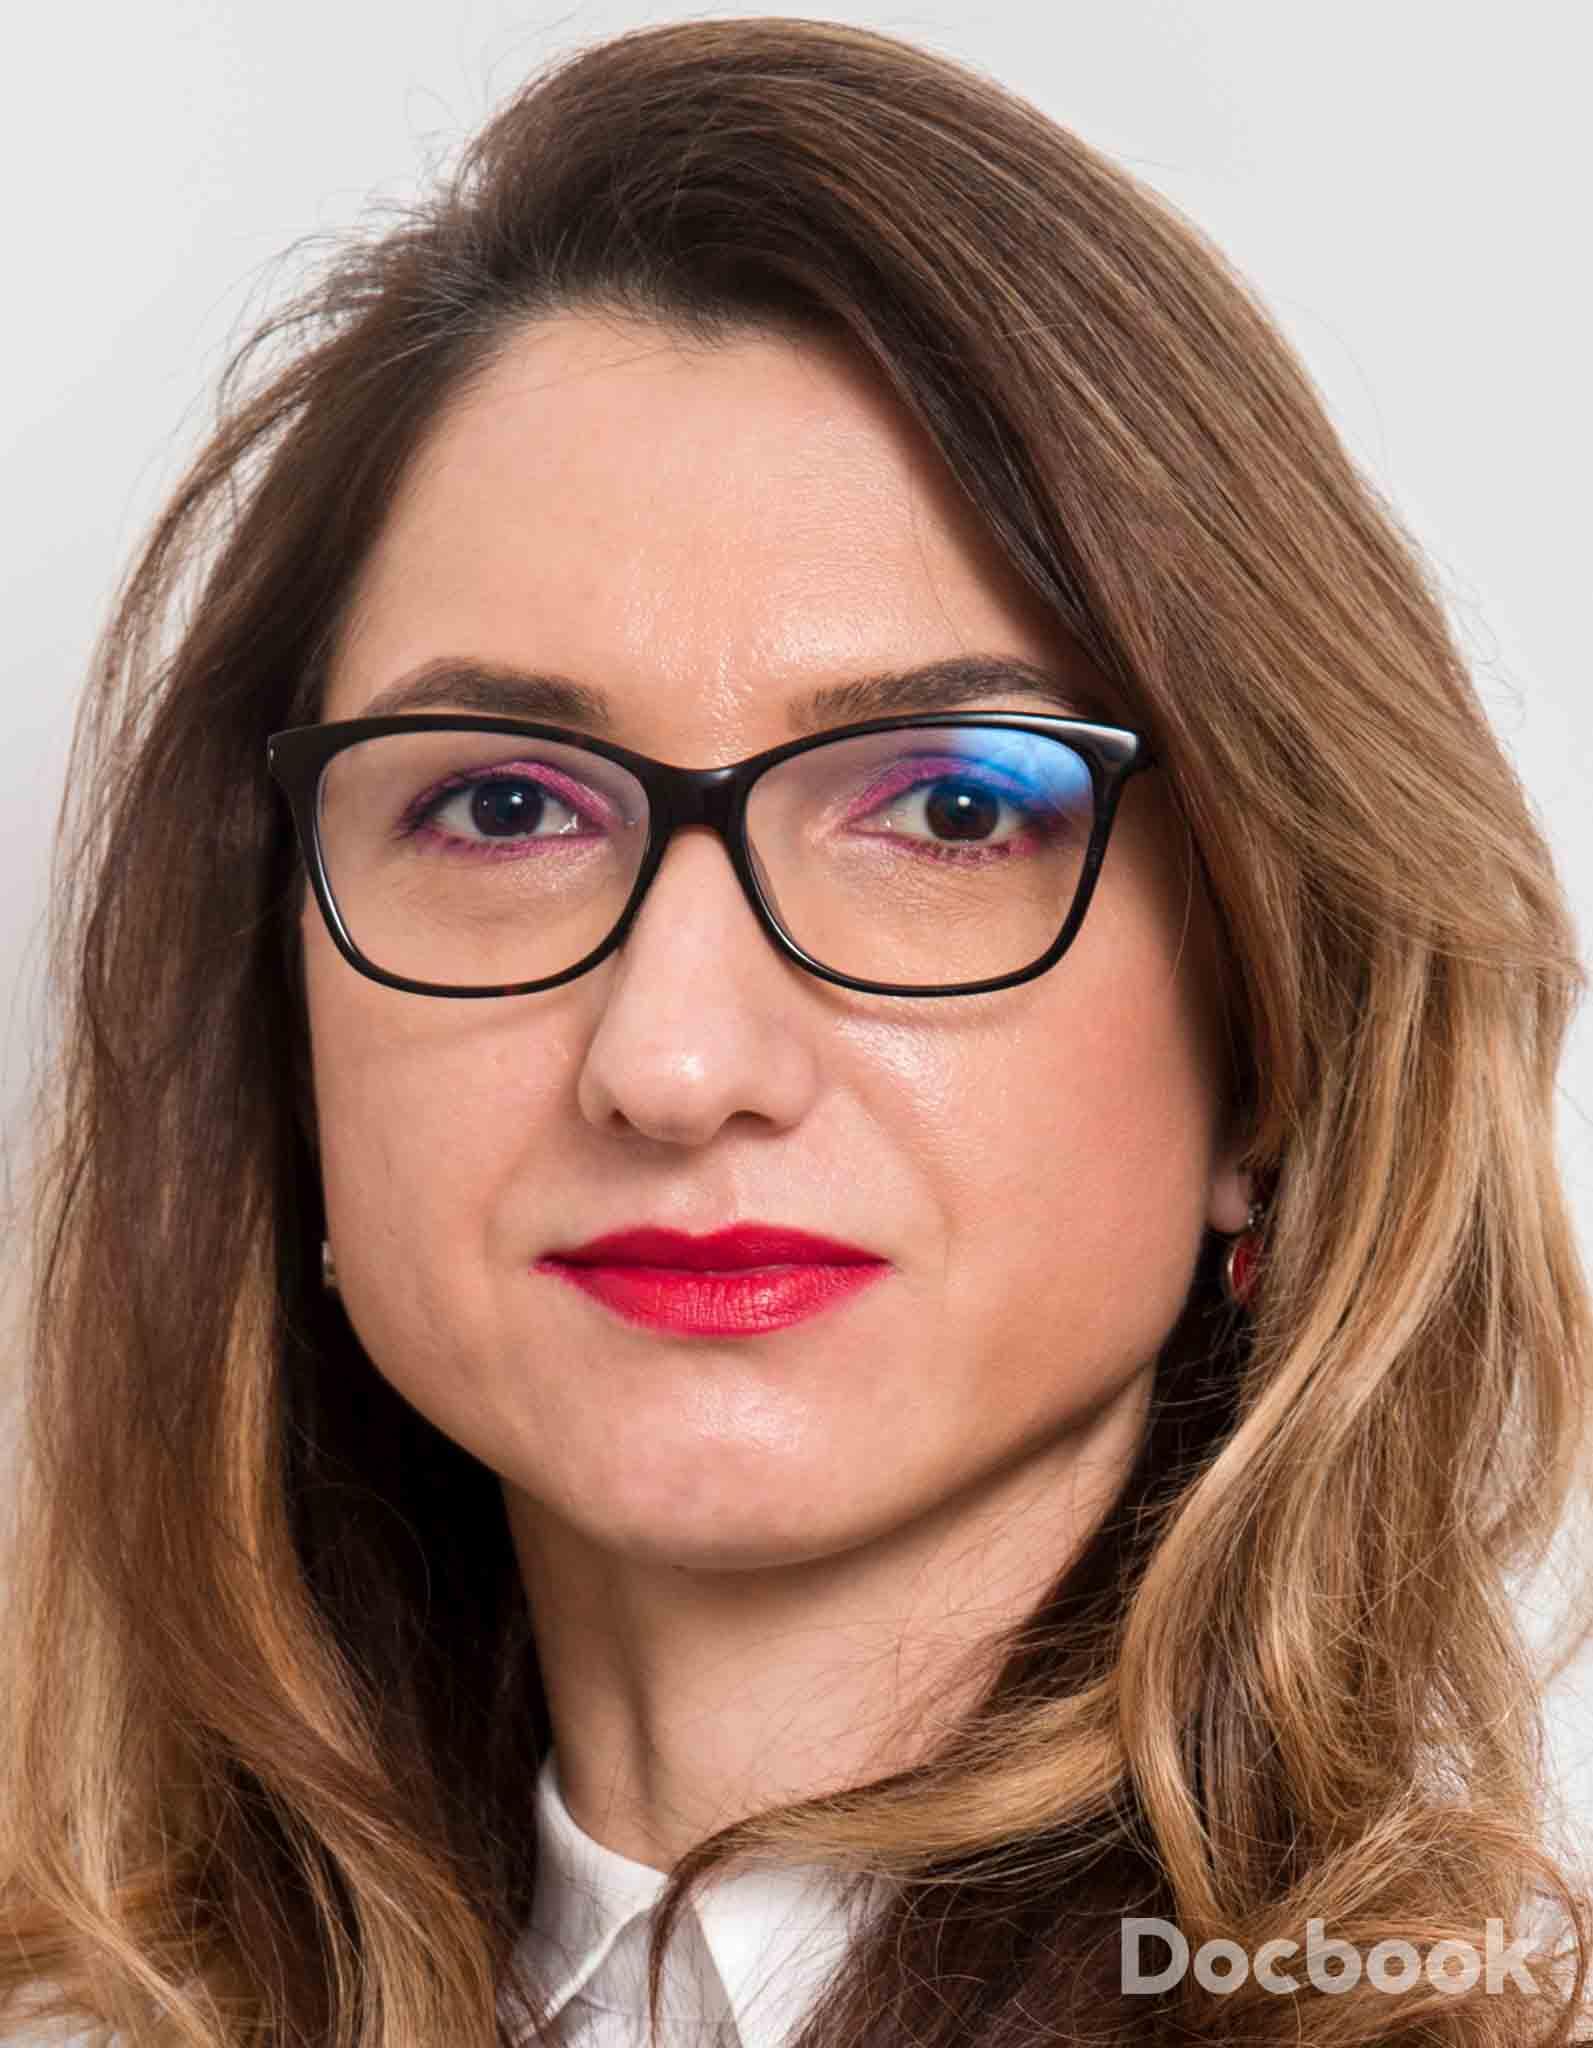 Dr. Marina Dumitras